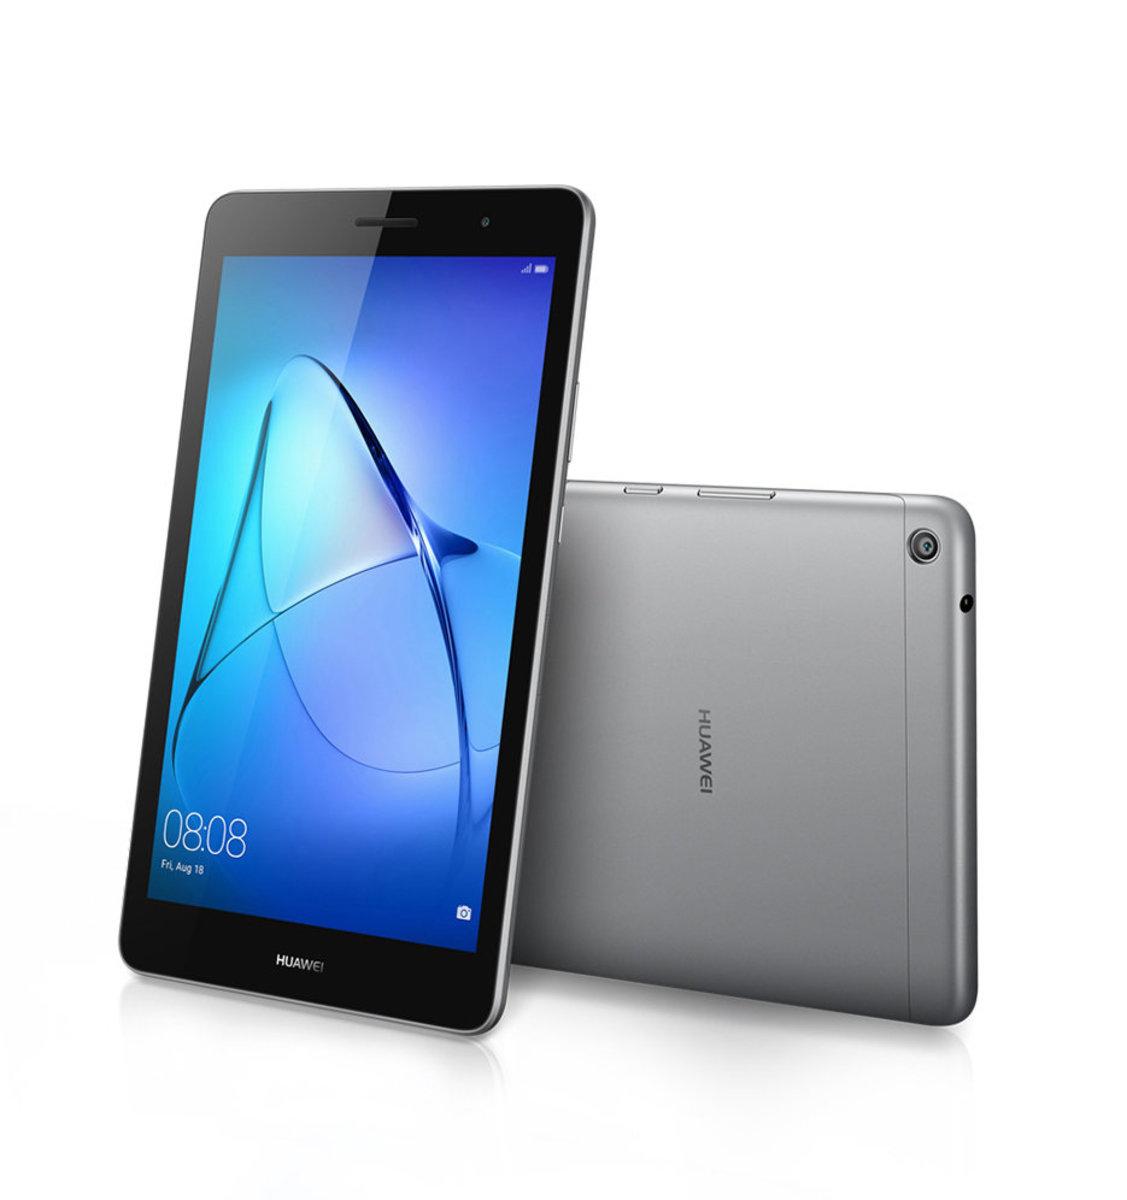 HUAWEI Honor MediaPad T3 平板電腦 - 八吋 LTE 雙卡通話 (3+32GB)